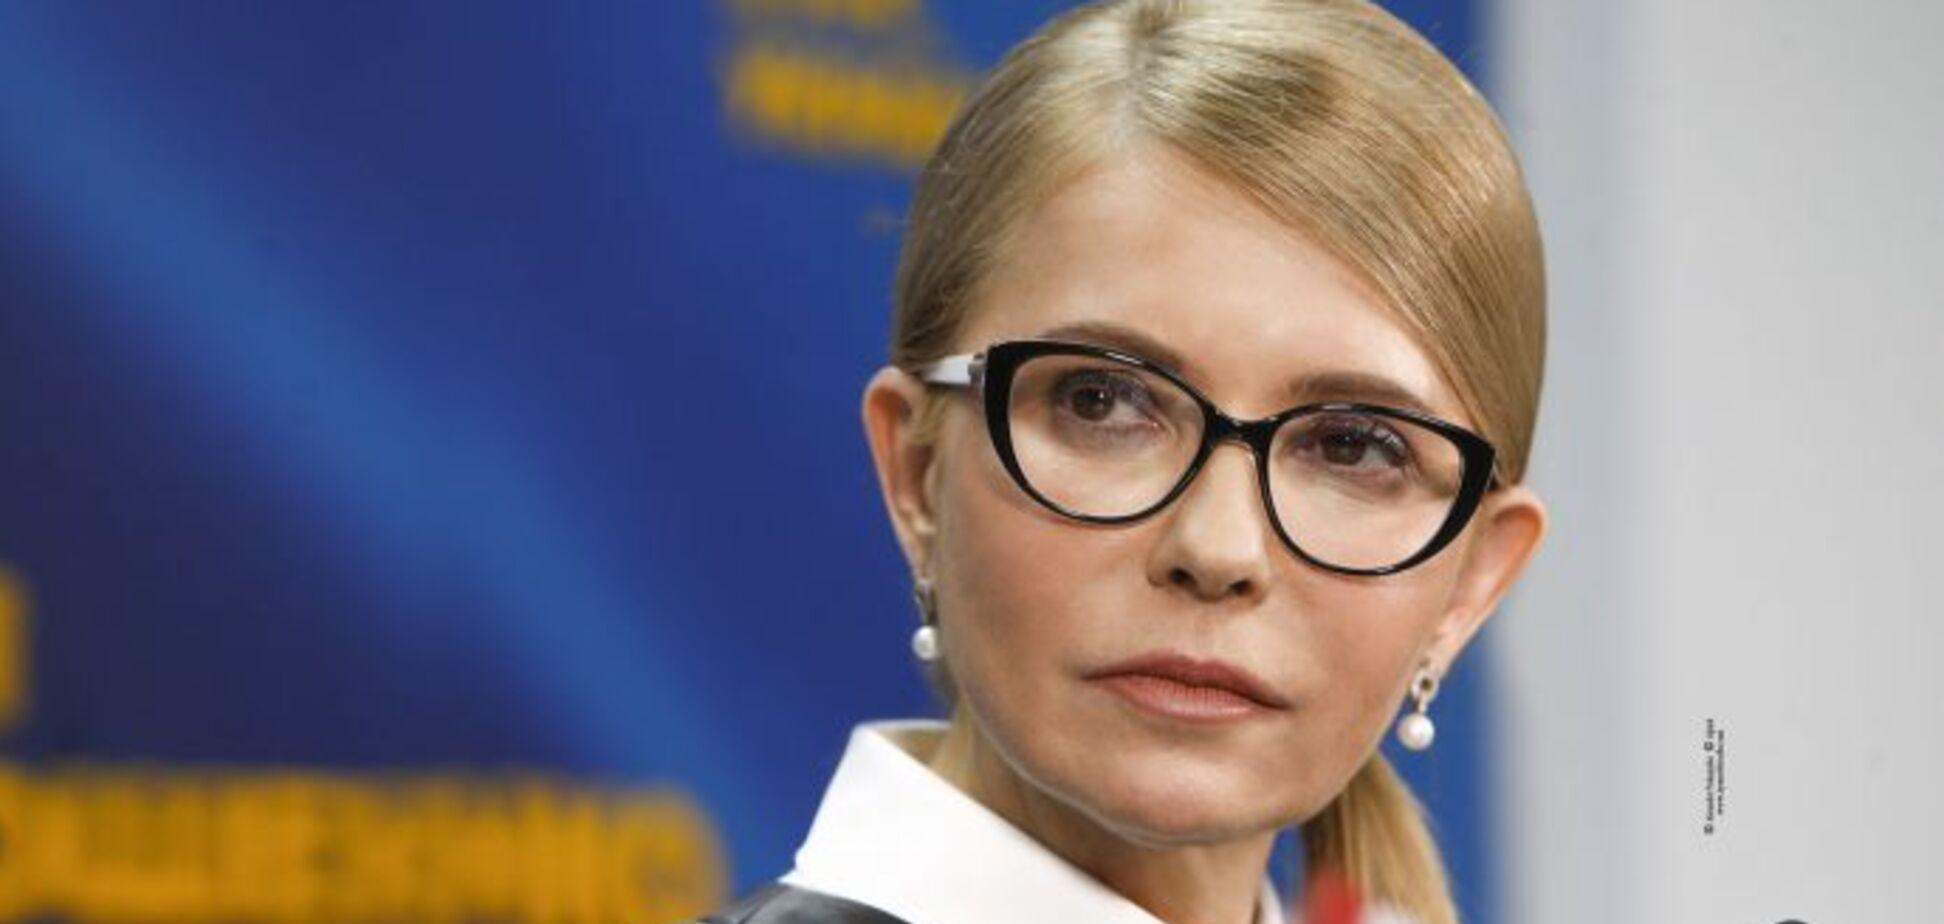 Кандидати без номеру. Як влада планує красти голоси Юлії Тимошенко